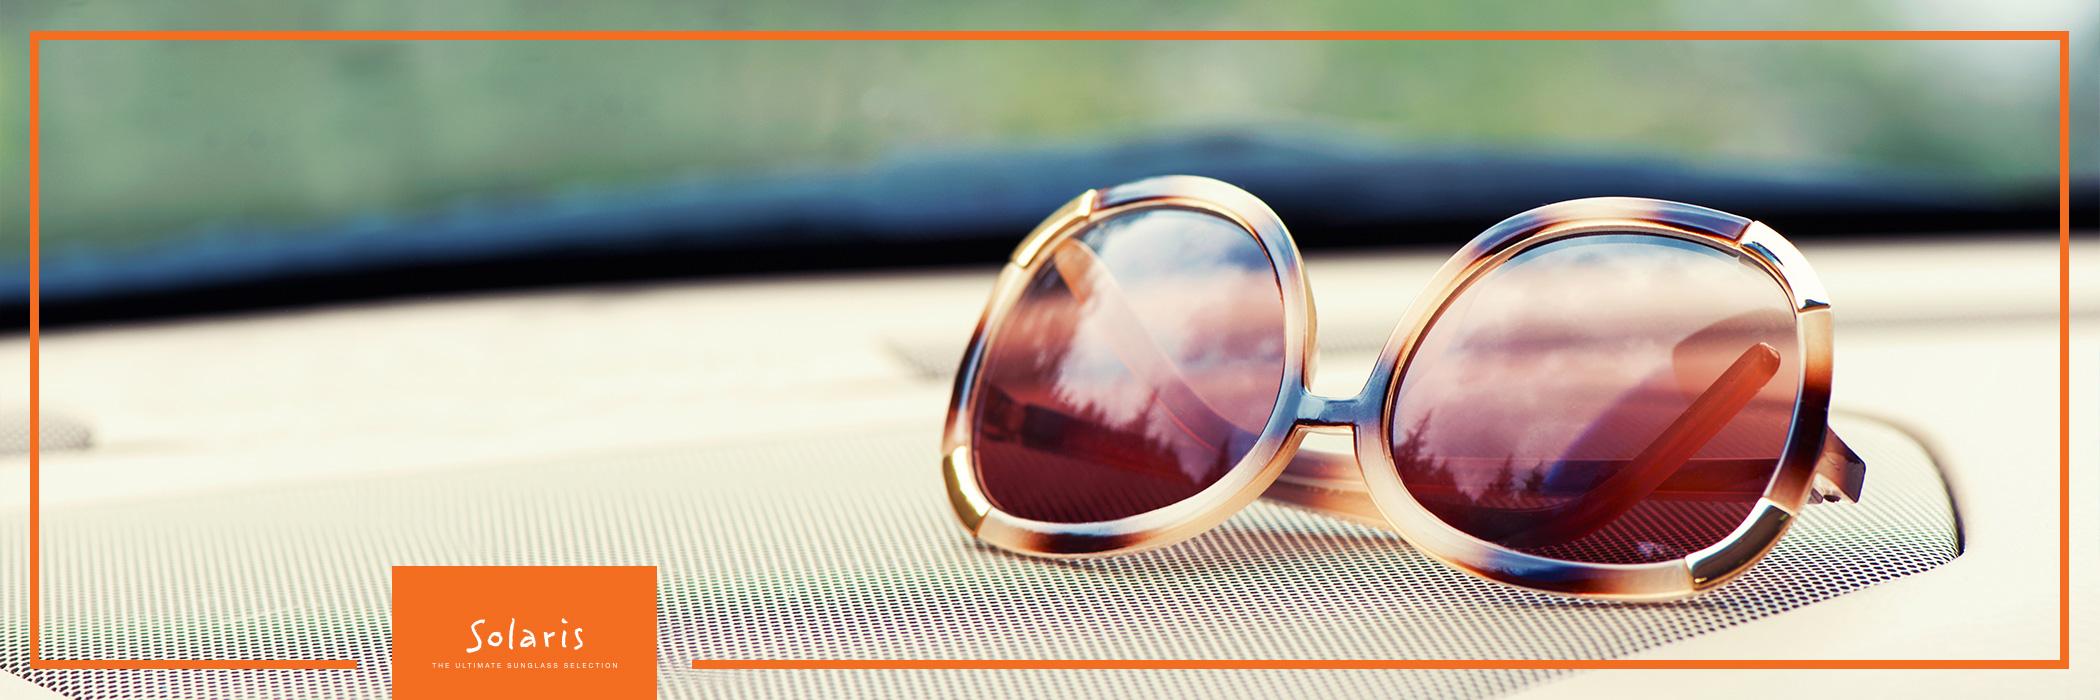 08df9e51cd Quais os benefícios do uso de óculos de sol? | MultiOpticas